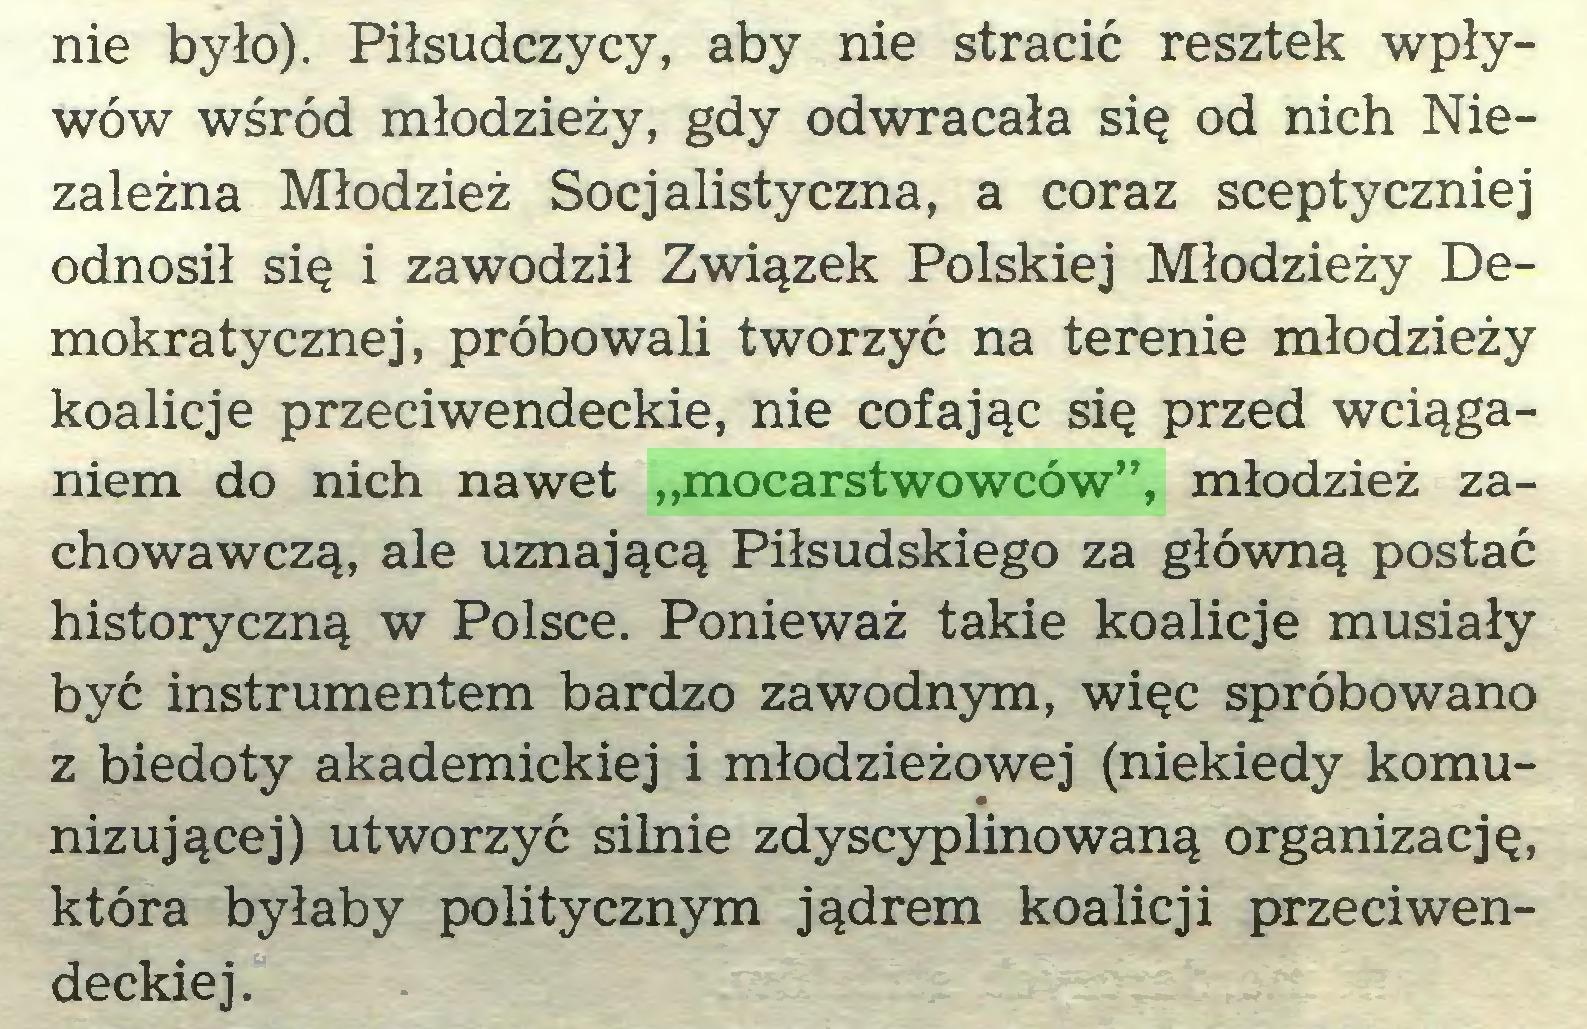 """(...) nie było). Piłsudczycy, aby nie stracić resztek wpływów wśród młodzieży, gdy odwracała się od nich Niezależna Młodzież Socjalistyczna, a coraz sceptyczniej odnosił się i zawodził Związek Polskiej Młodzieży Demokratycznej, próbowali tworzyć na terenie młodzieży koalicje przeciwendeckie, nie cofając się przed wciąganiem do nich nawet """"mocarstwowców"""", młodzież zachowawczą, ale uznającą Piłsudskiego za główną postać historyczną w Polsce. Ponieważ takie koalicje musiały być instrumentem bardzo zawodnym, więc spróbowano z biedoty akademickiej i młodzieżowej (niekiedy komunizującej) utworzyć silnie zdyscyplinowaną organizację, która byłaby politycznym jądrem koalicji przedwendeckiej..."""